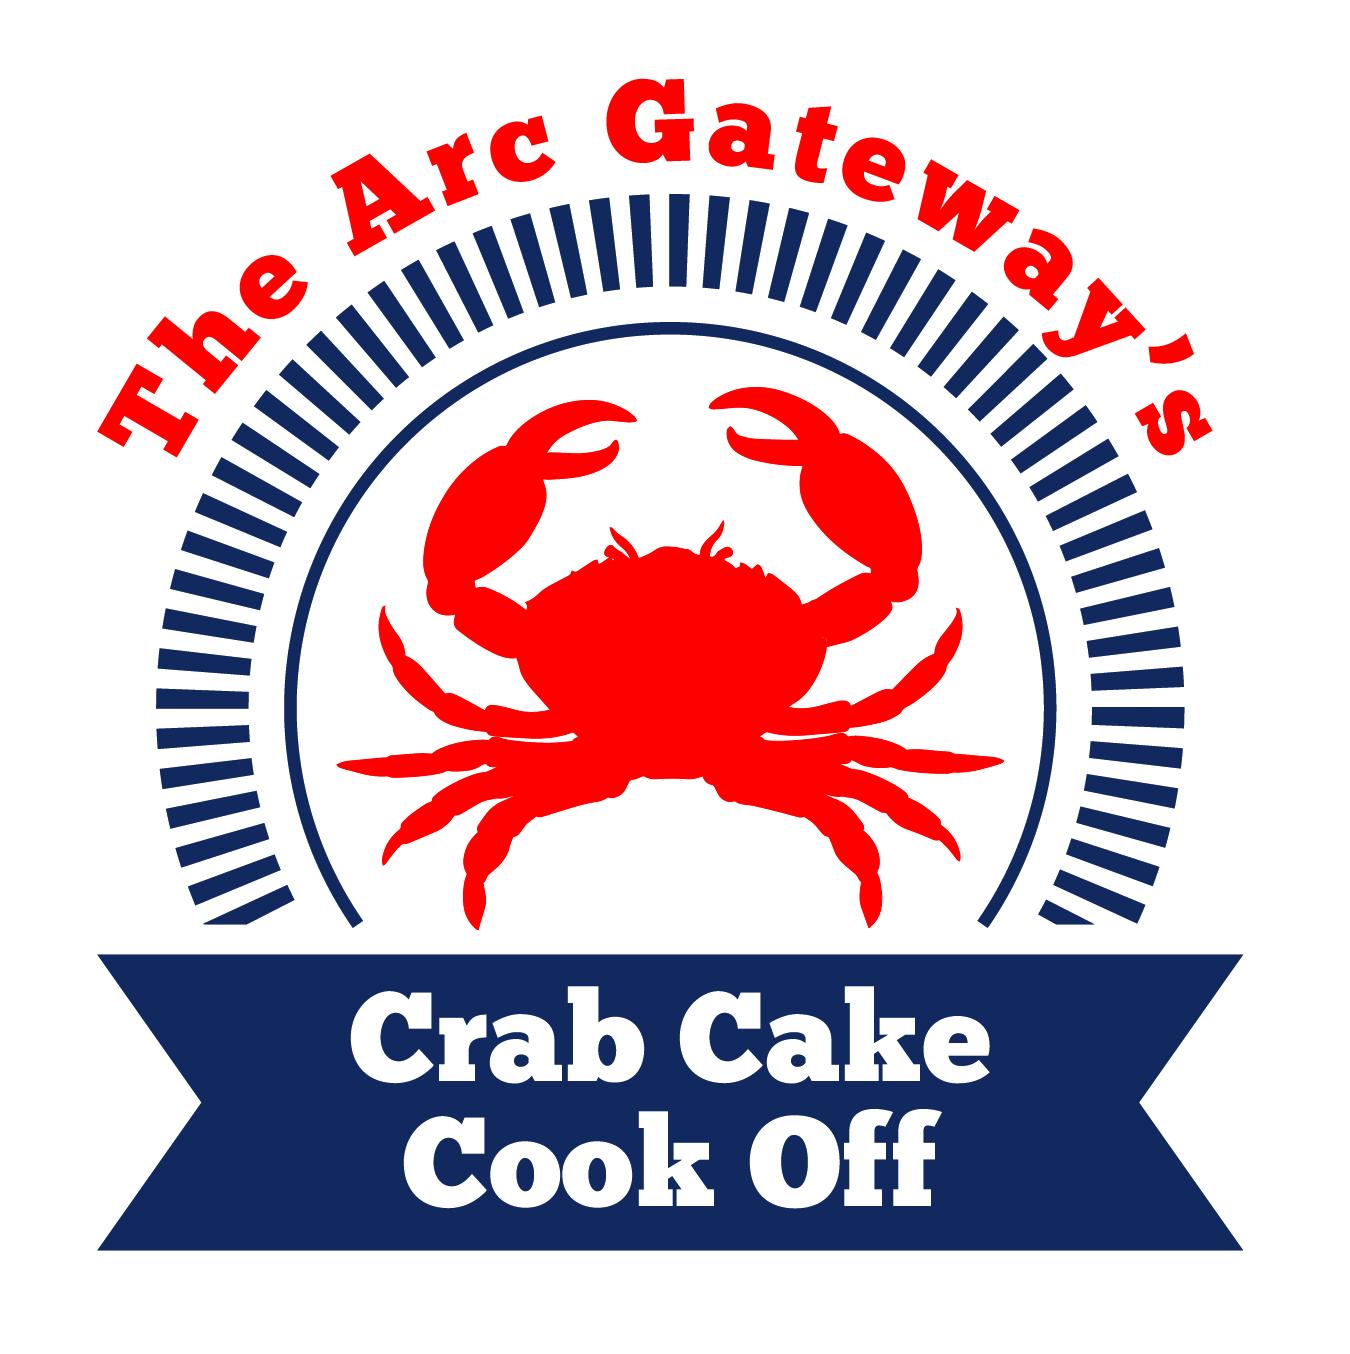 Crab Cake Cook-off Sponsorship